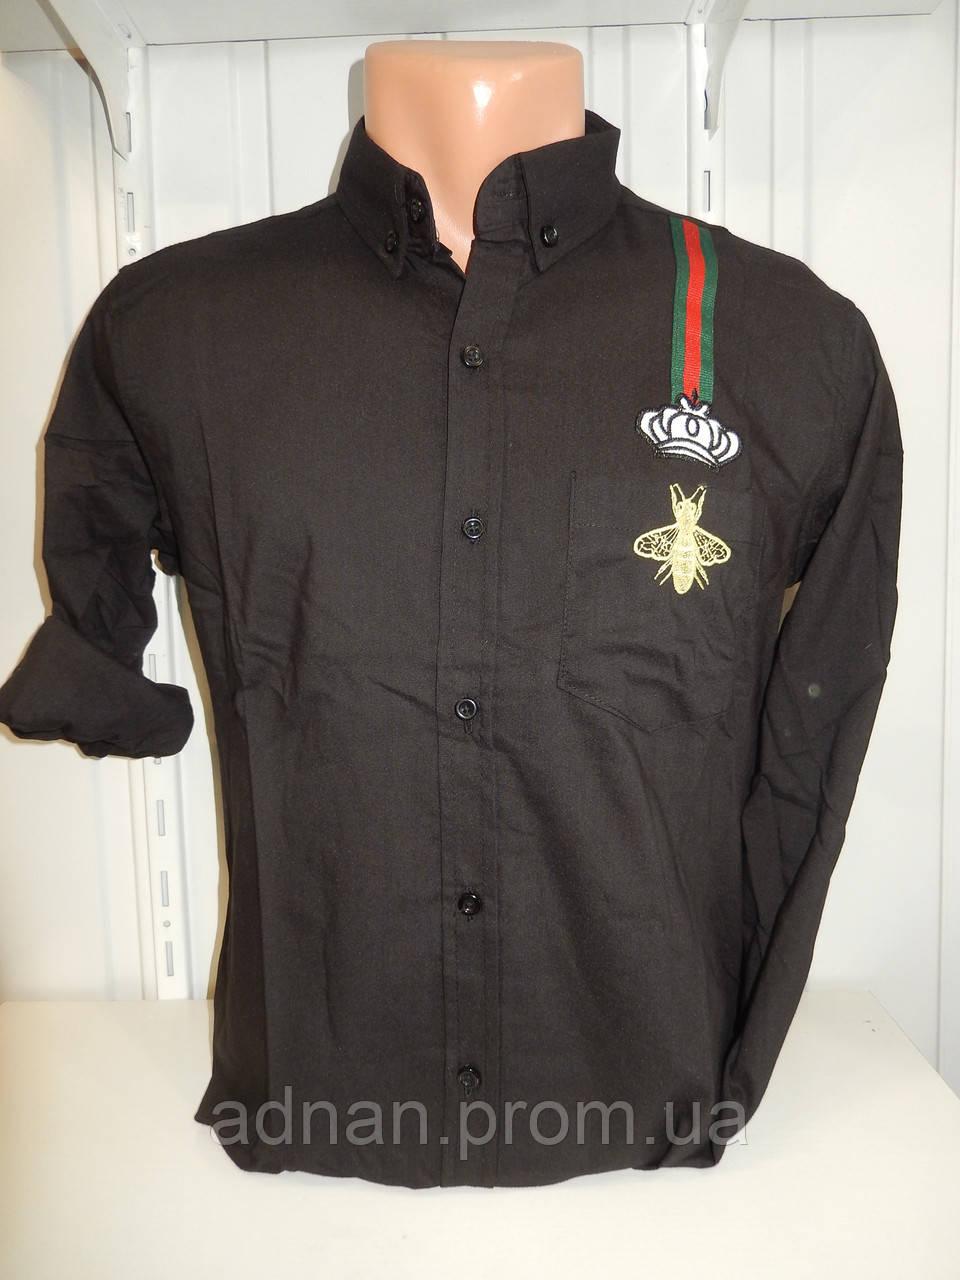 Рубашка мужская, рукав трансформер, узор, стрейч 016\ купить рубашку